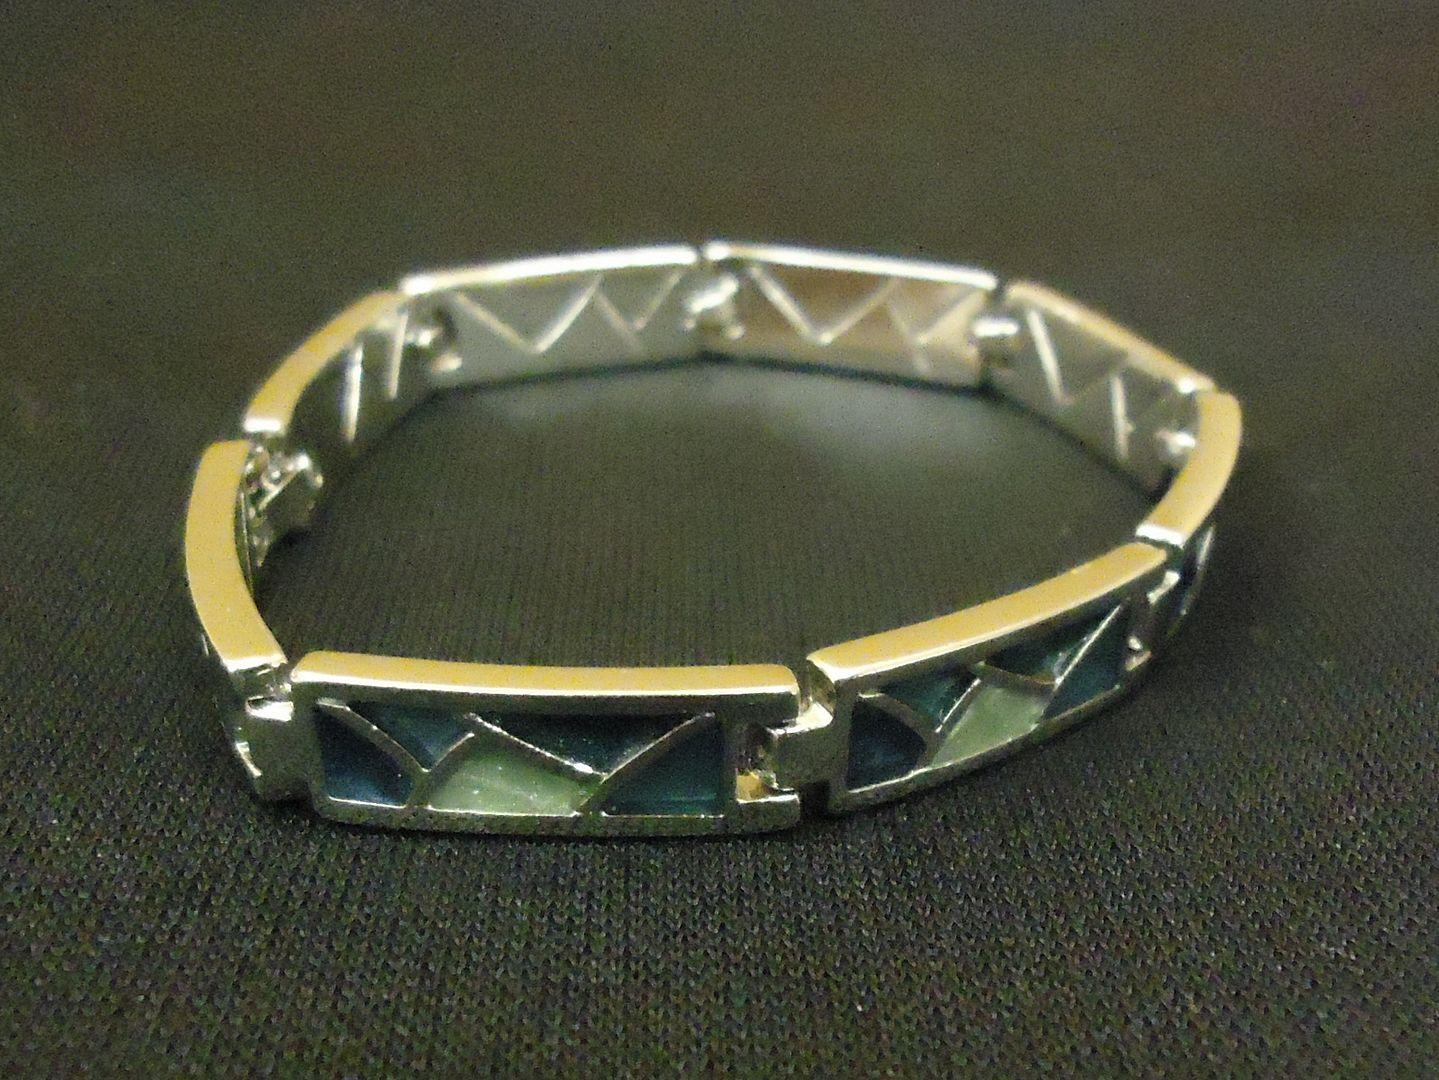 lm7410 112712-564n Designer Fashion Bracelet Chain/Link Metal Female Adult Silver/Greens